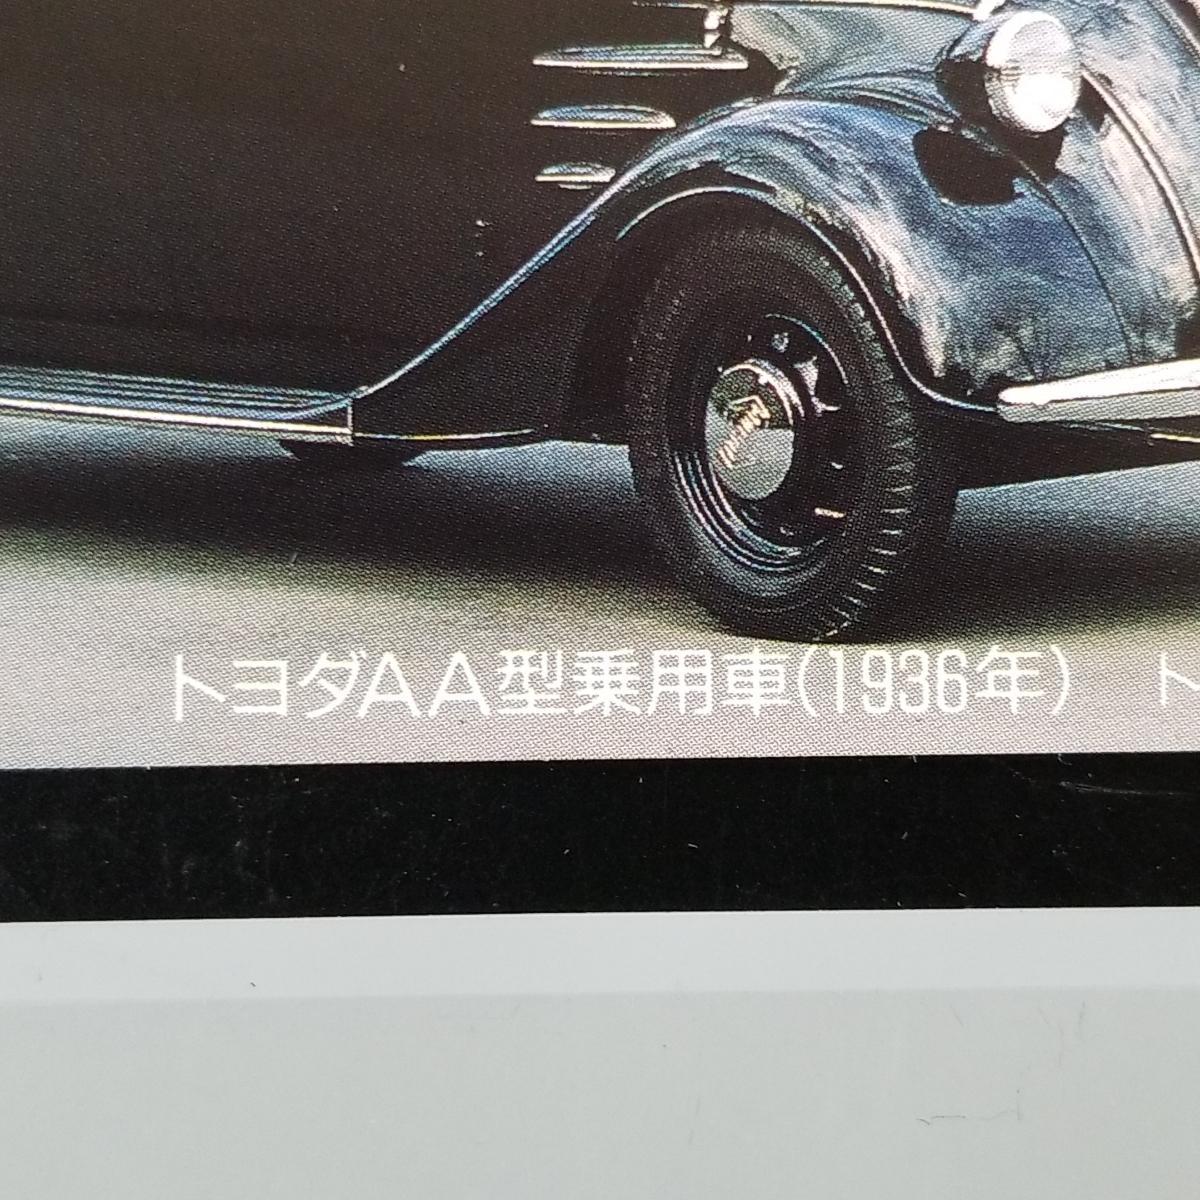 ・未使用 テレカ 105度 トヨタ博物館所蔵 トヨダAA型乗用車(1963年)トヨタ 乗用車 クラシックカー テレホンカード 自動車_画像2